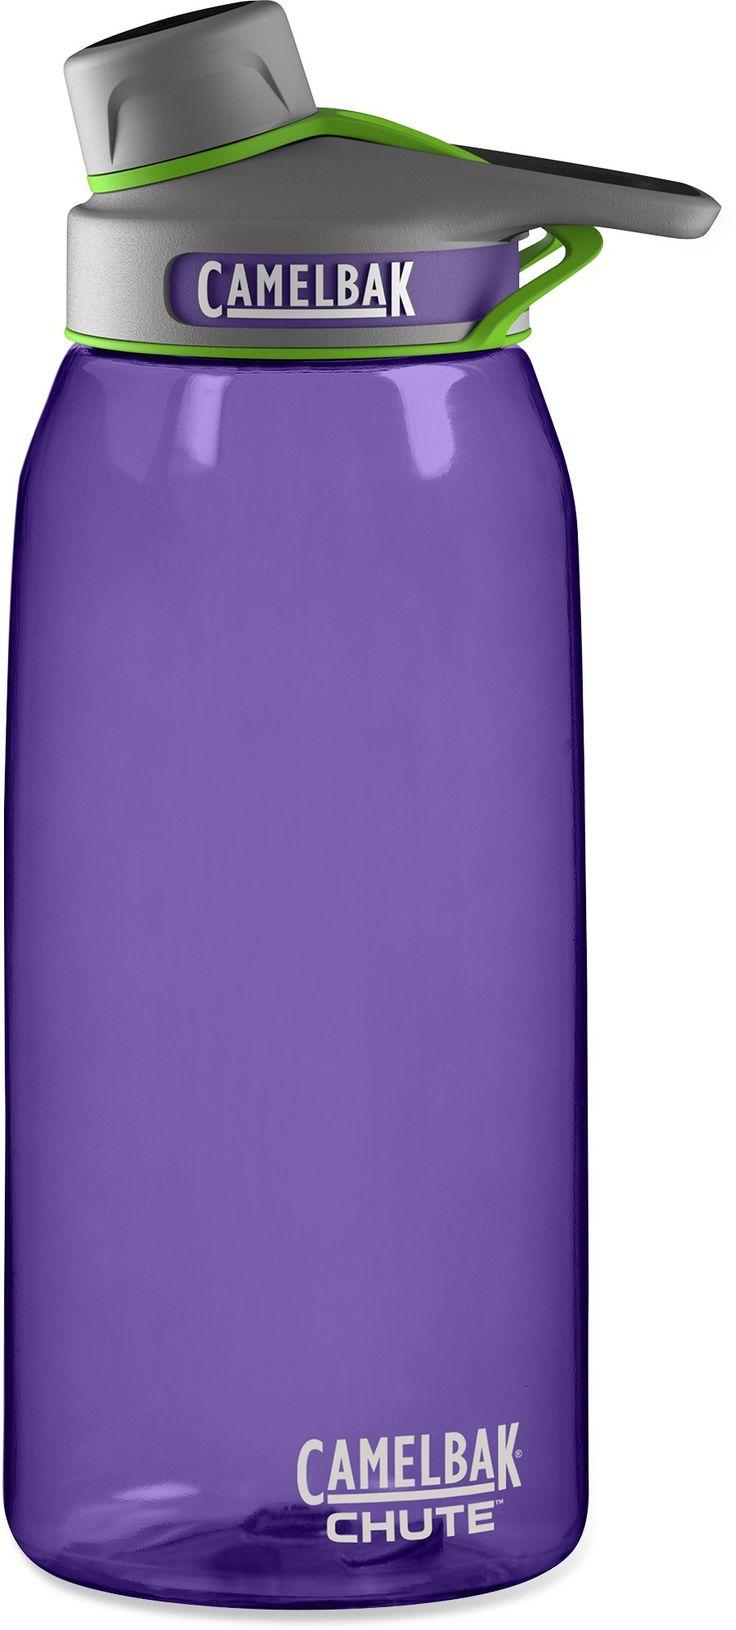 CamelBak Chute Water Bottle - 1 Liter